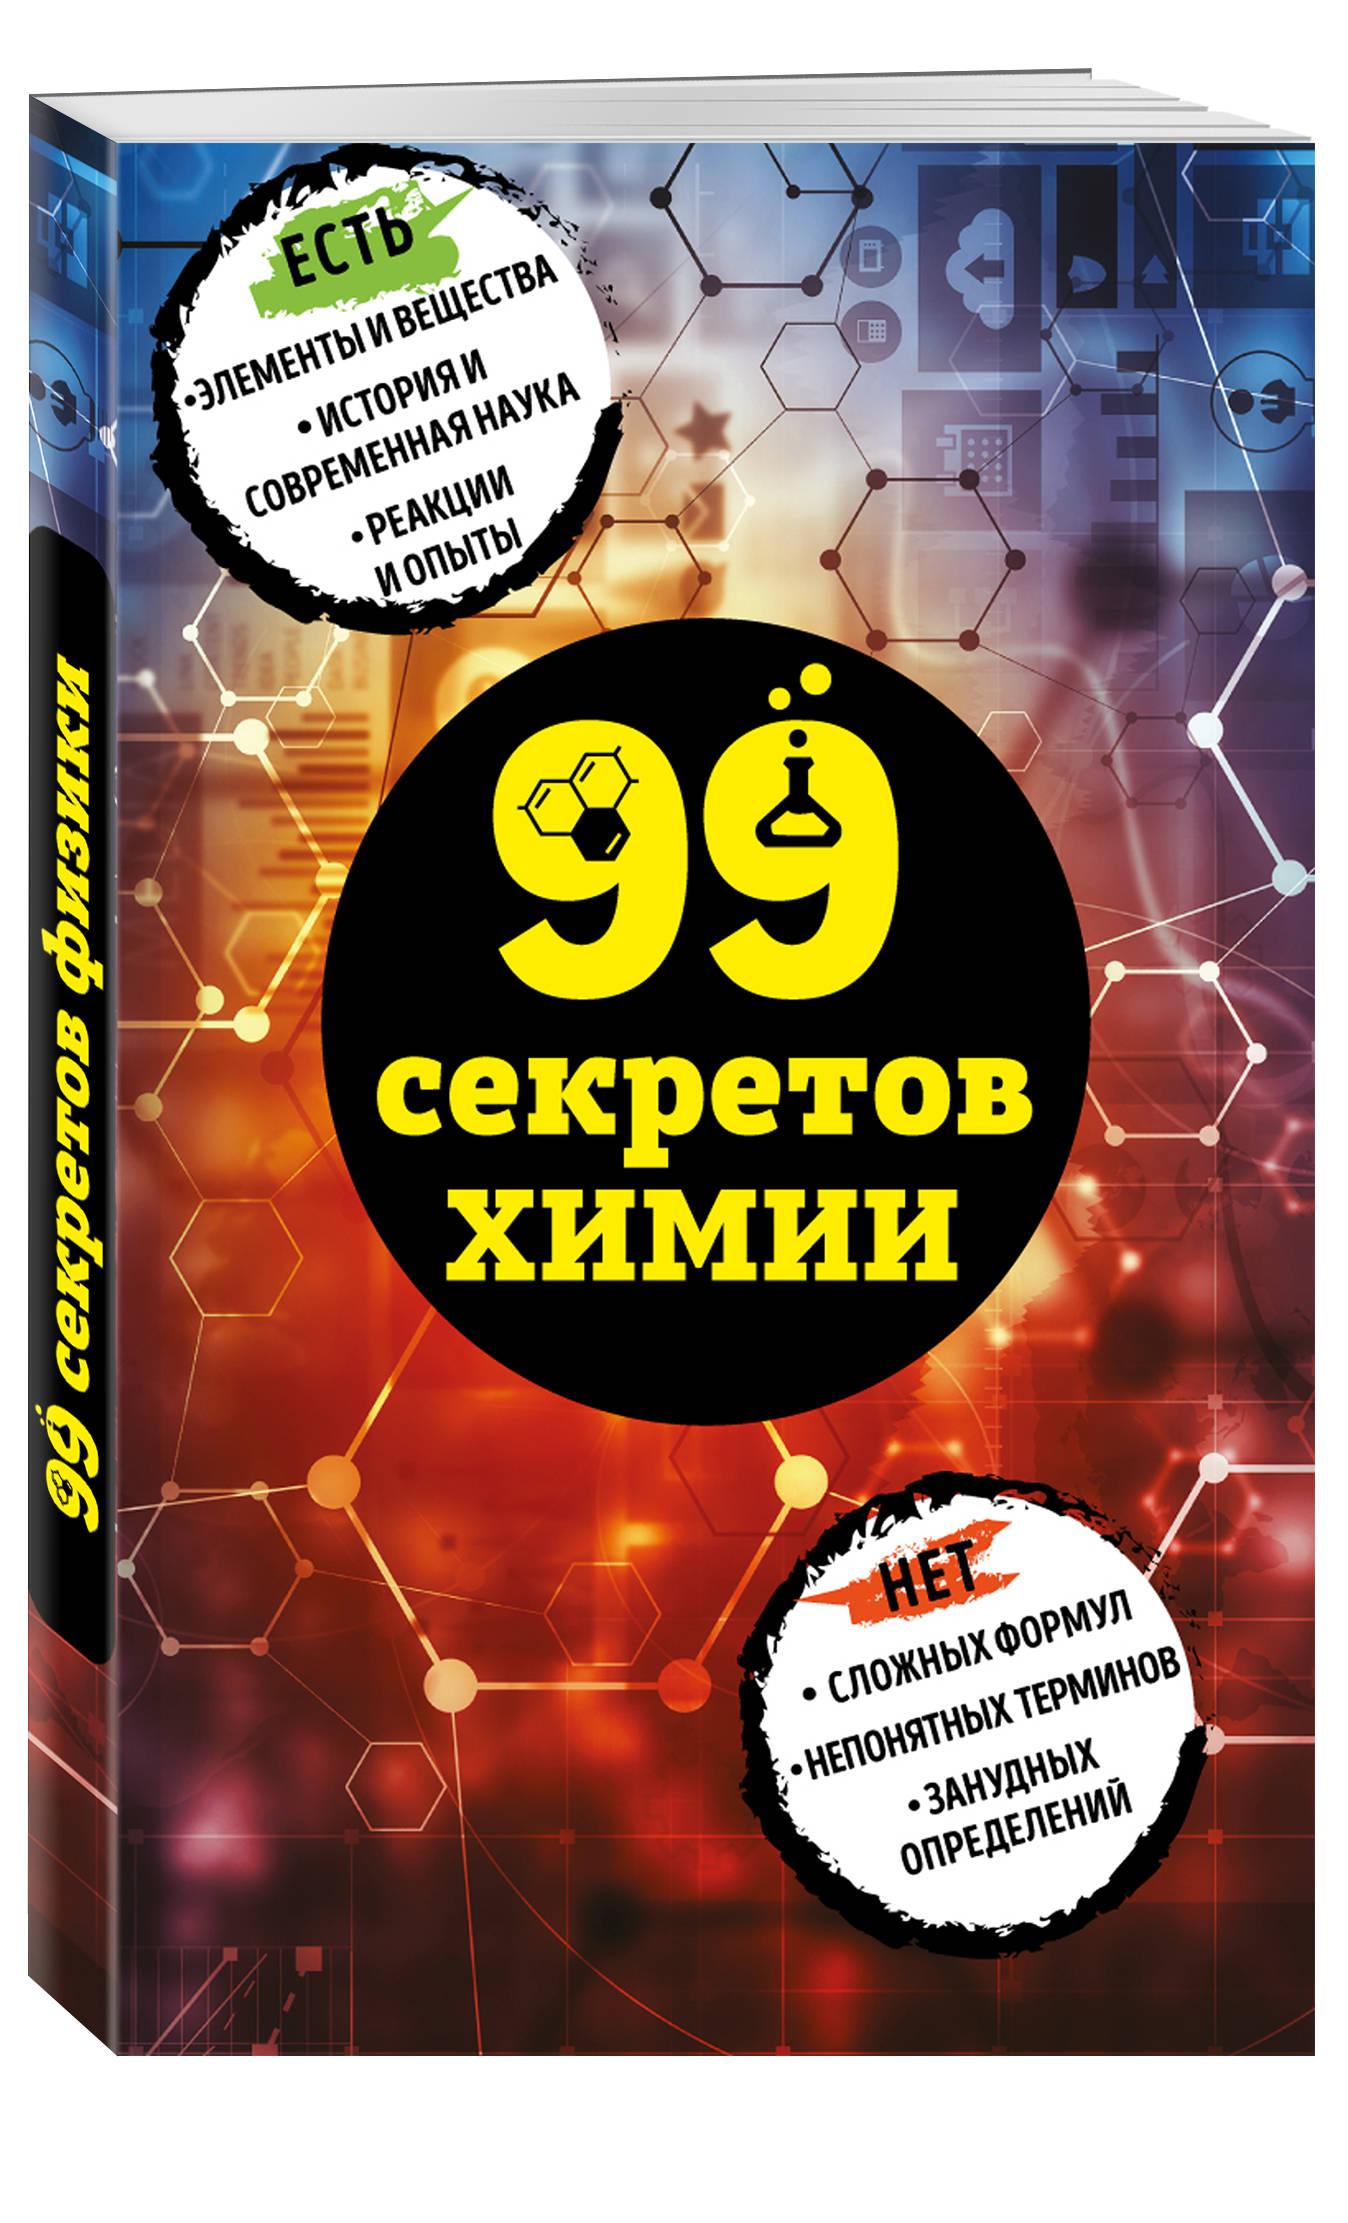 99 секретов химии ( Мартюшева А.В.  )